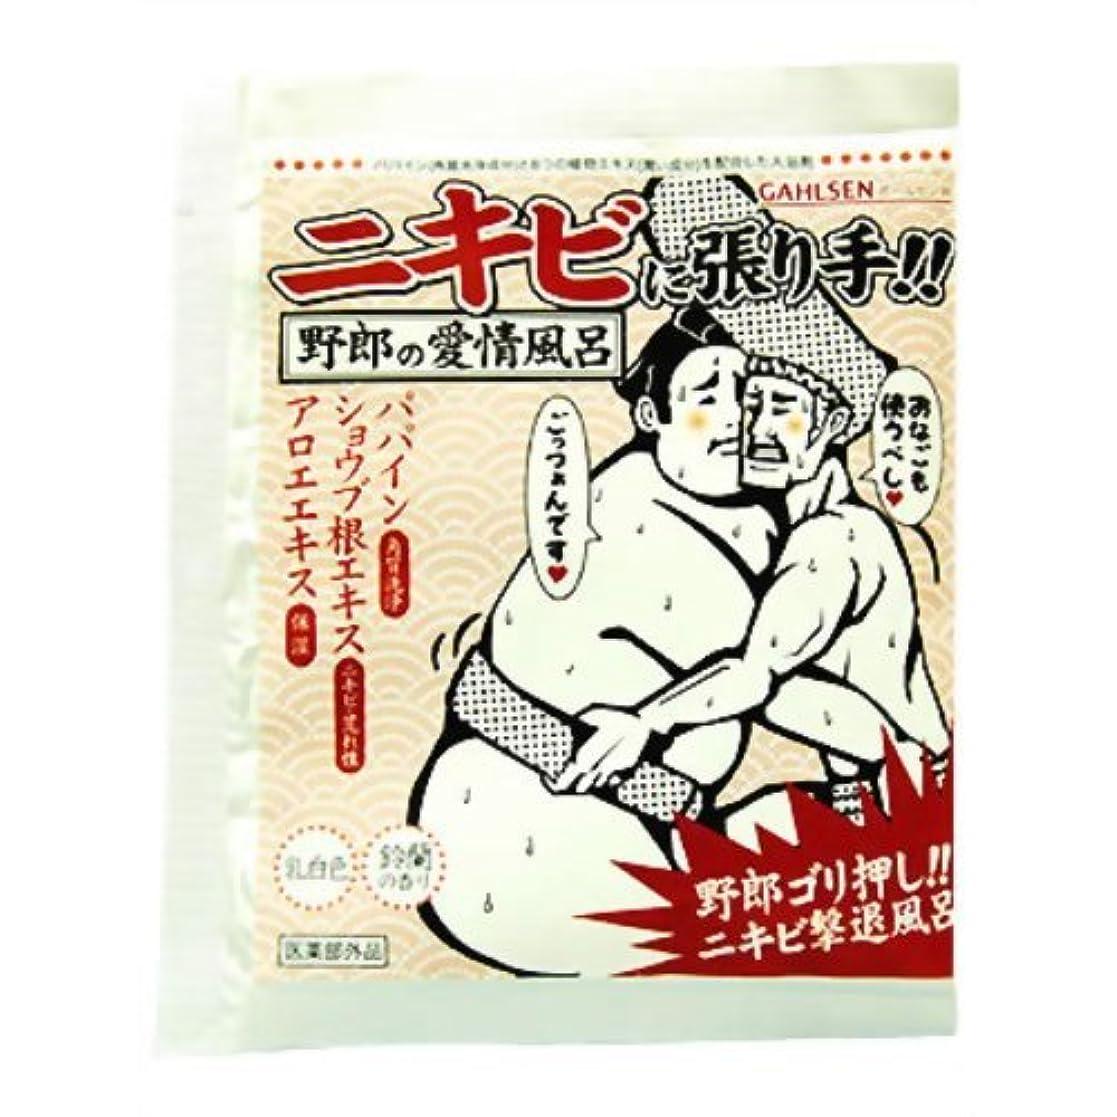 政治家の磁石拒絶ガールセンW 25g*10袋(入浴剤)